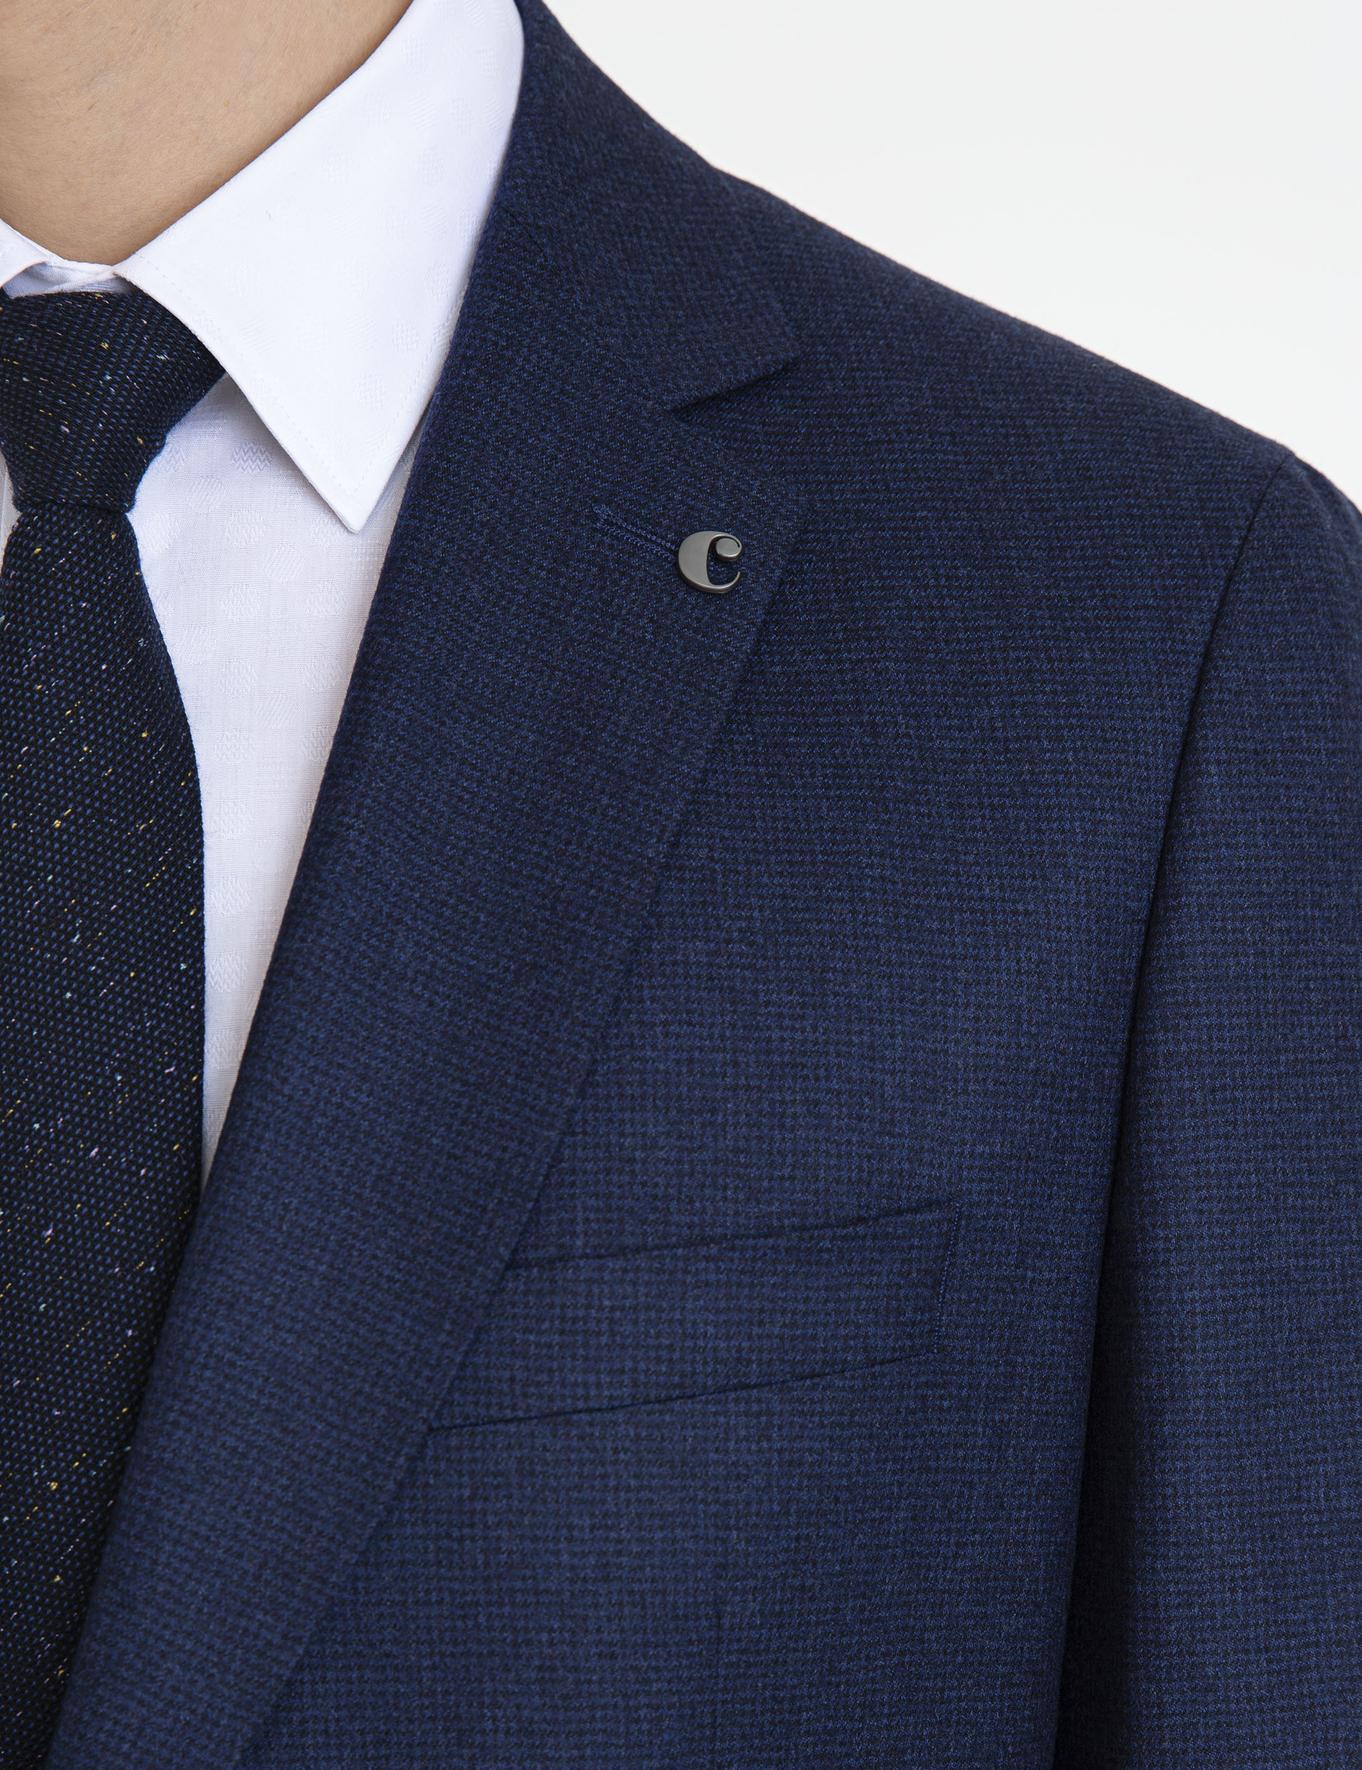 Lacivert Slim Fit Takım Elbise - 50227151107